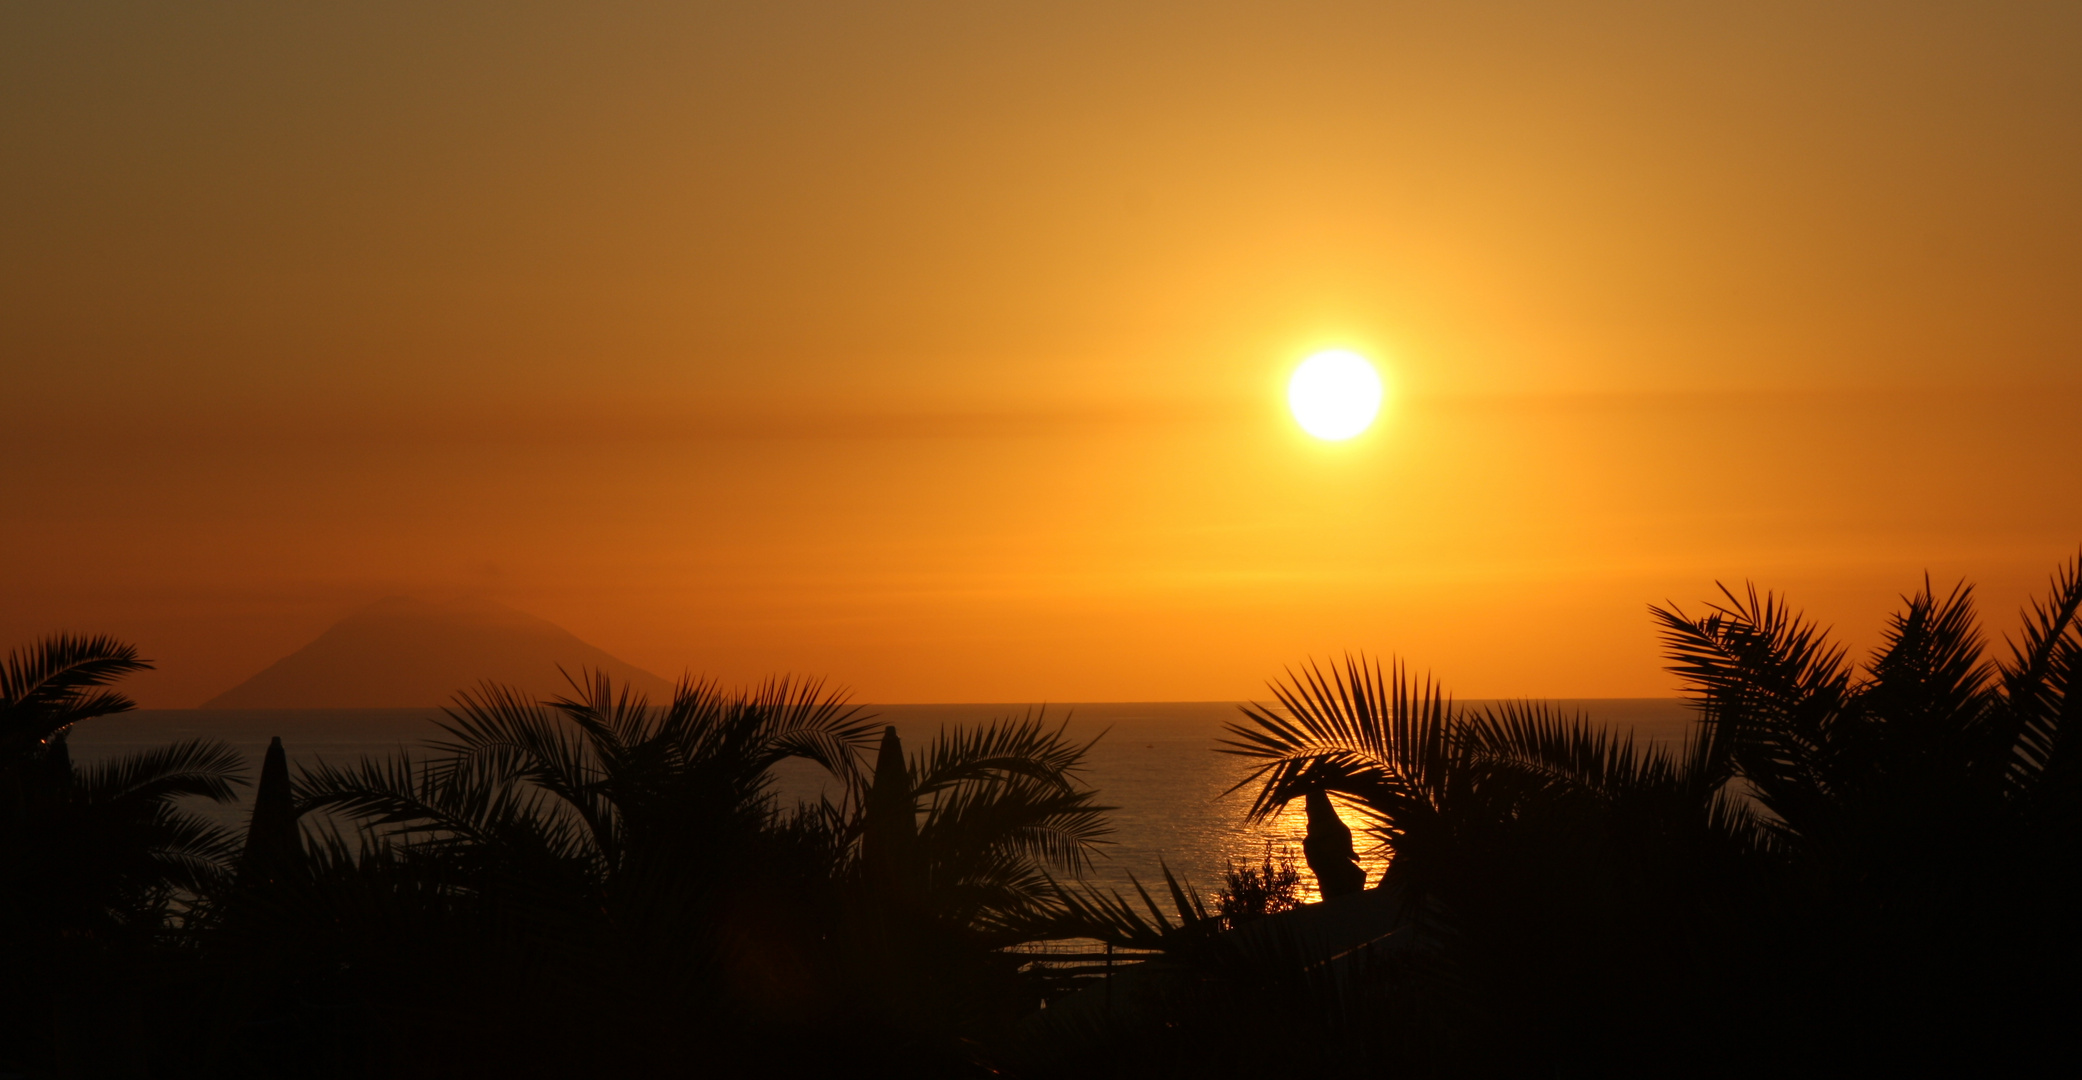 sunset at stromboli